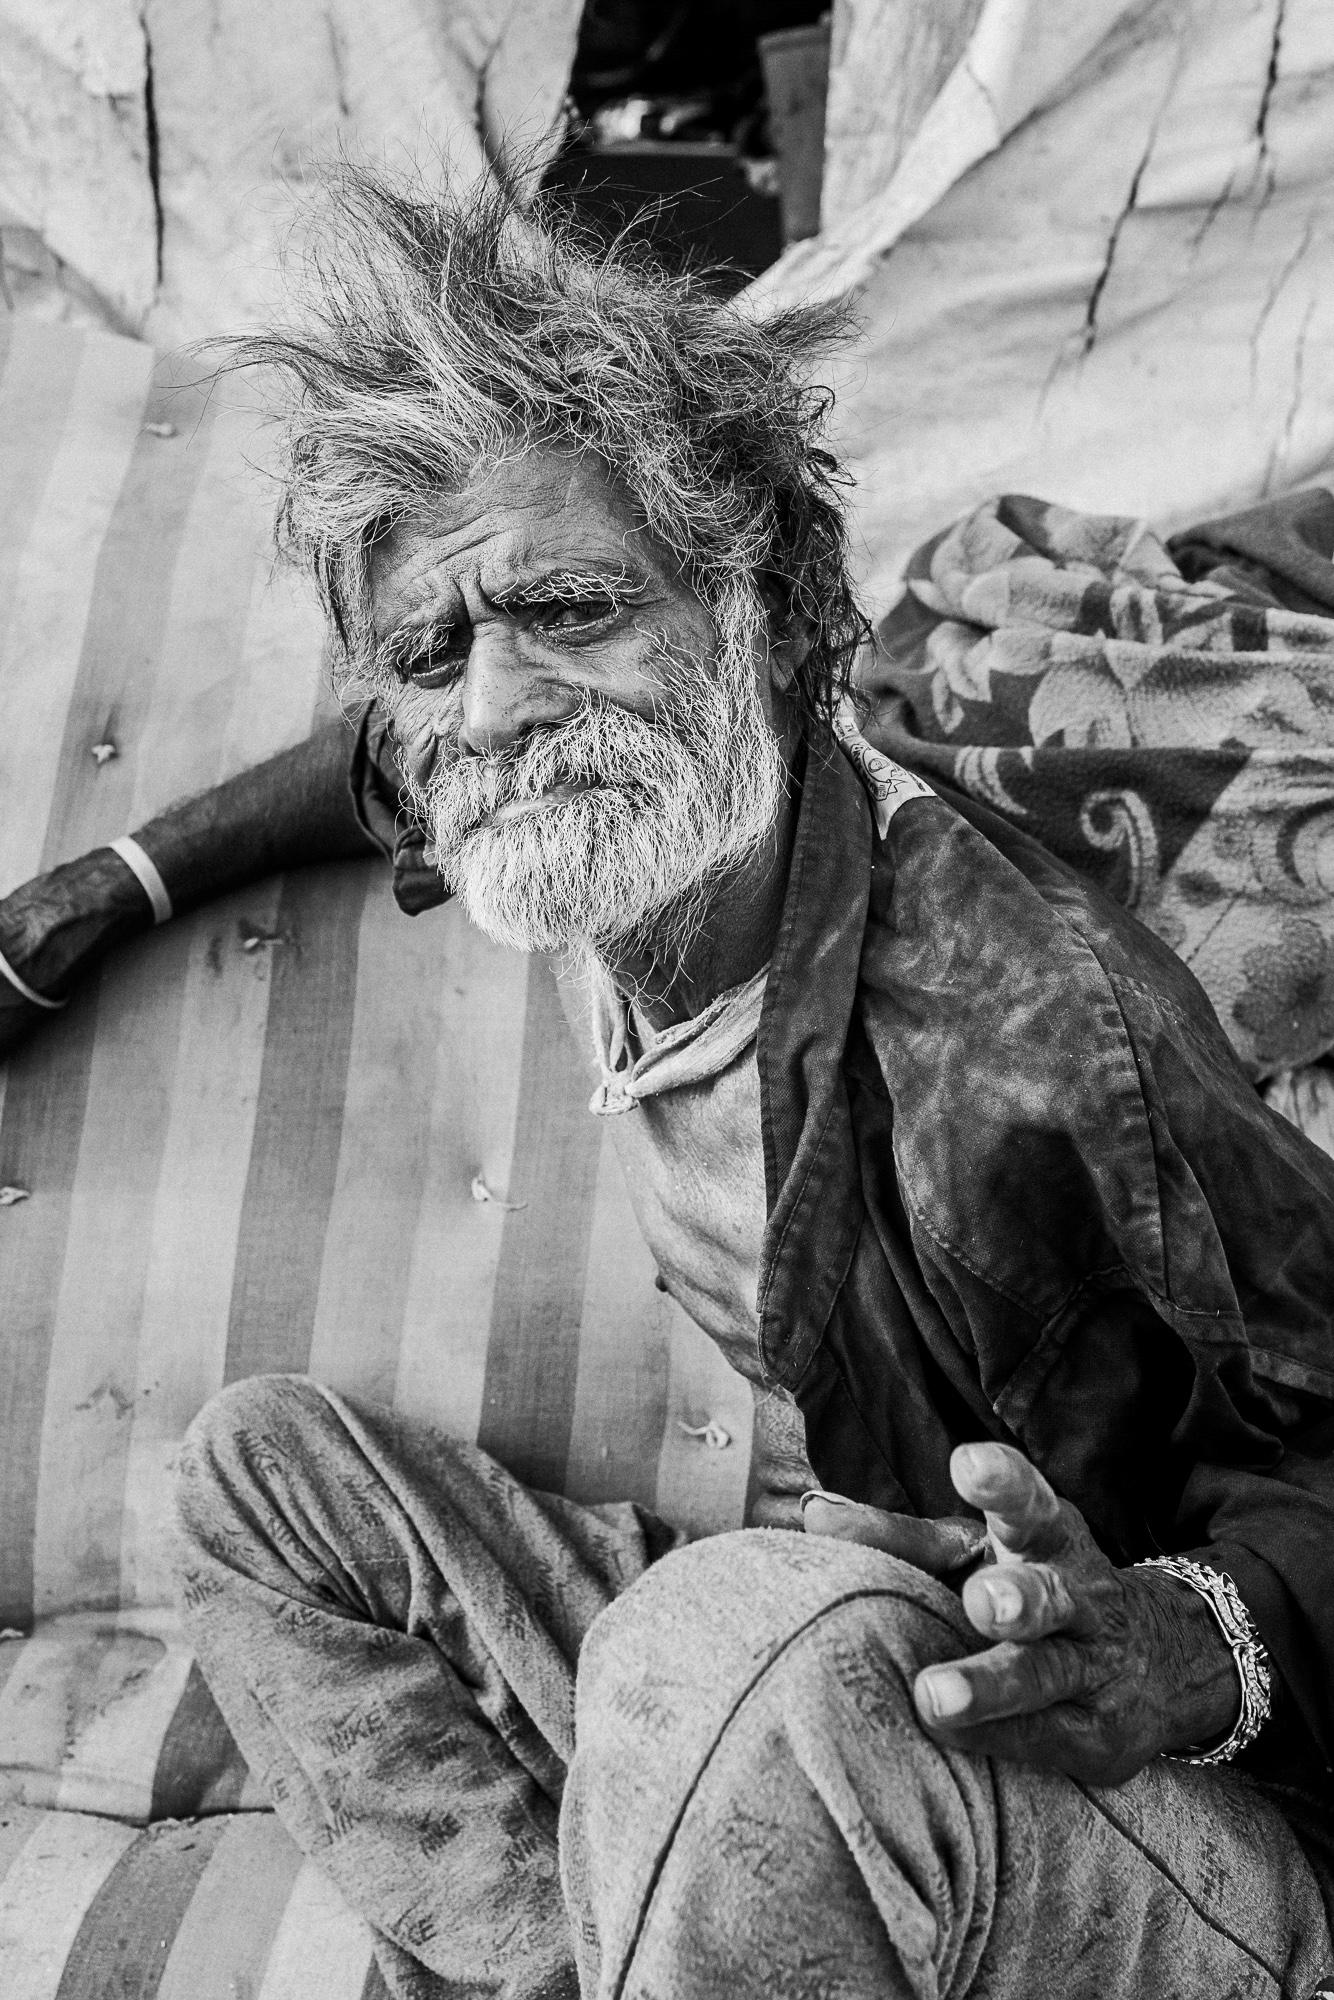 TIRAGE D'ART – TABLEAU – PHOTOGRAPHIE MURALE – IMPRESSION – PAR SARAH MANGERET-17